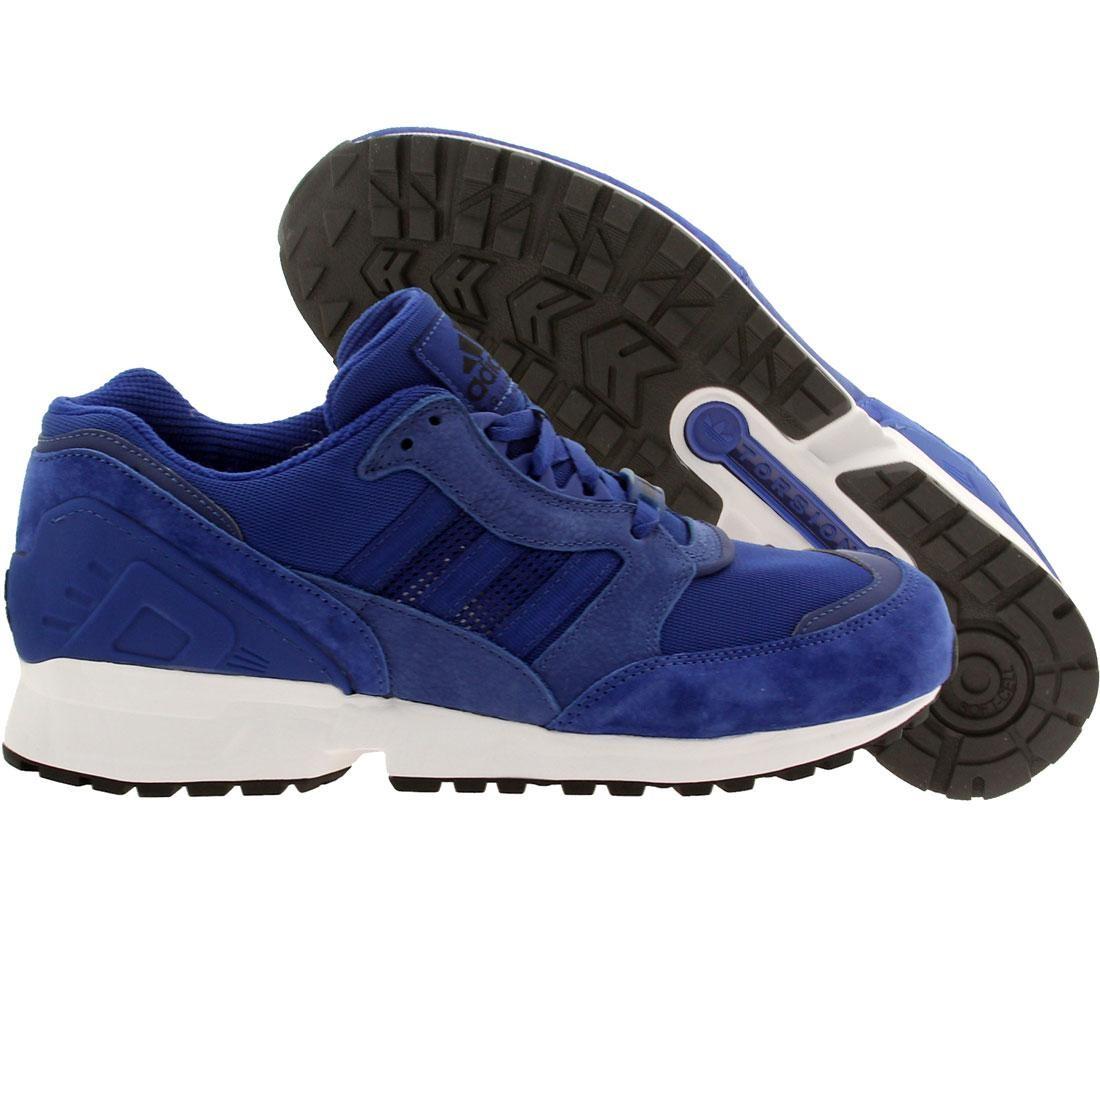 【海外限定】アディダス スニーカー 靴 【 ADIDAS MEN EQUIPMENT RUNNING CUSHION 91 BLUE CROYAL 】